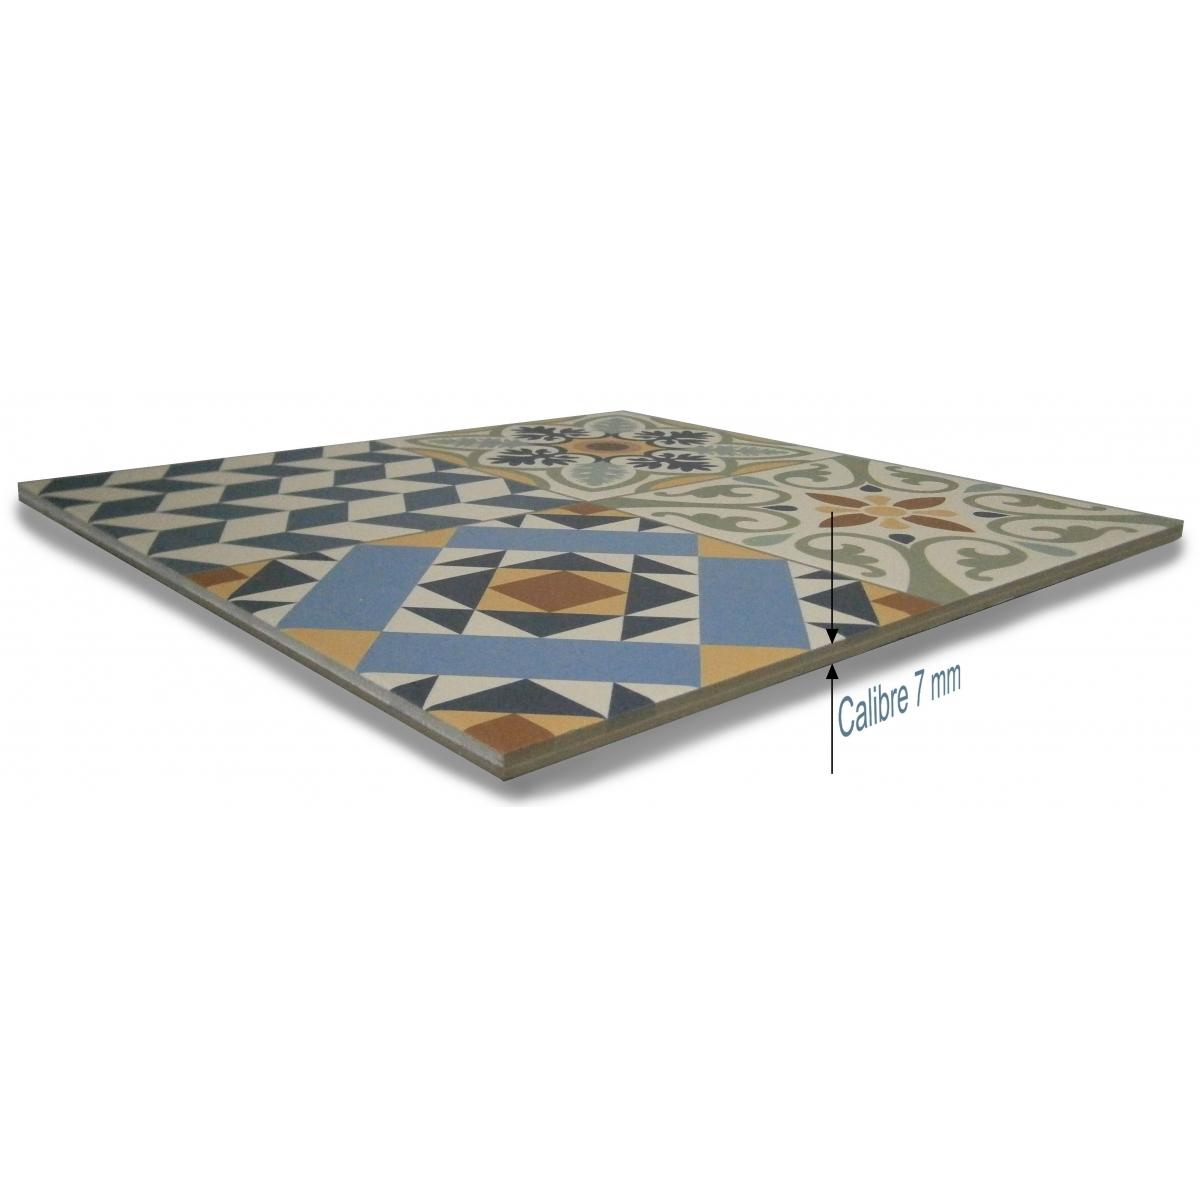 Heritage Mix 33,15x33,15 (Caja de 1,32 m2) Gaya Fores S.L.